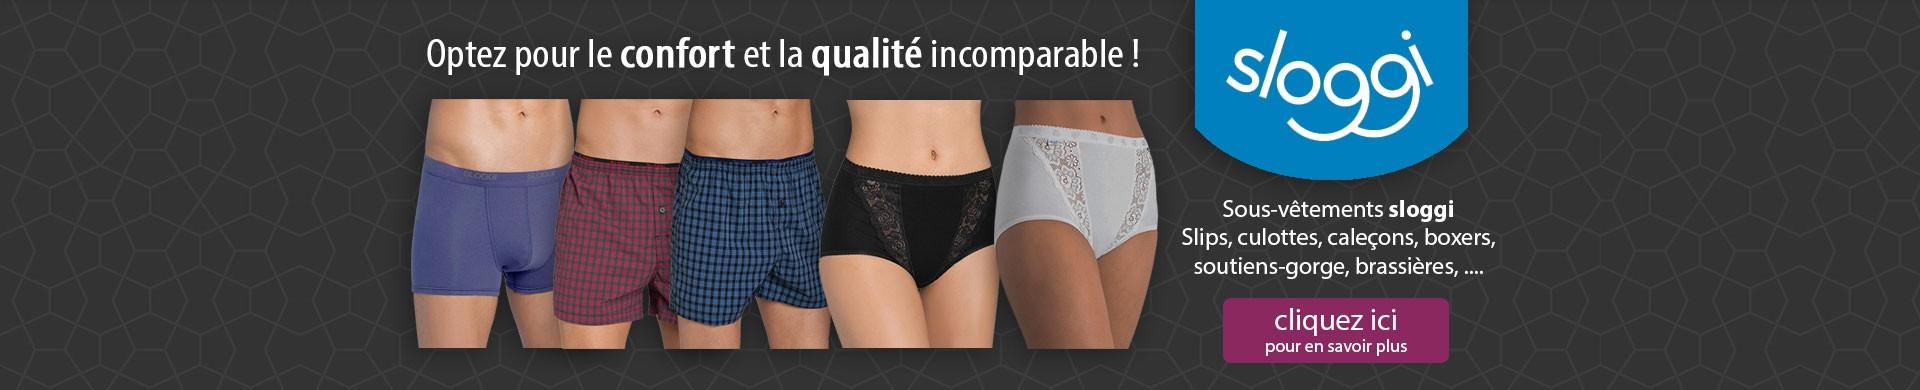 Optez pour le confort et la qualité des sous-vêtements sloggi !